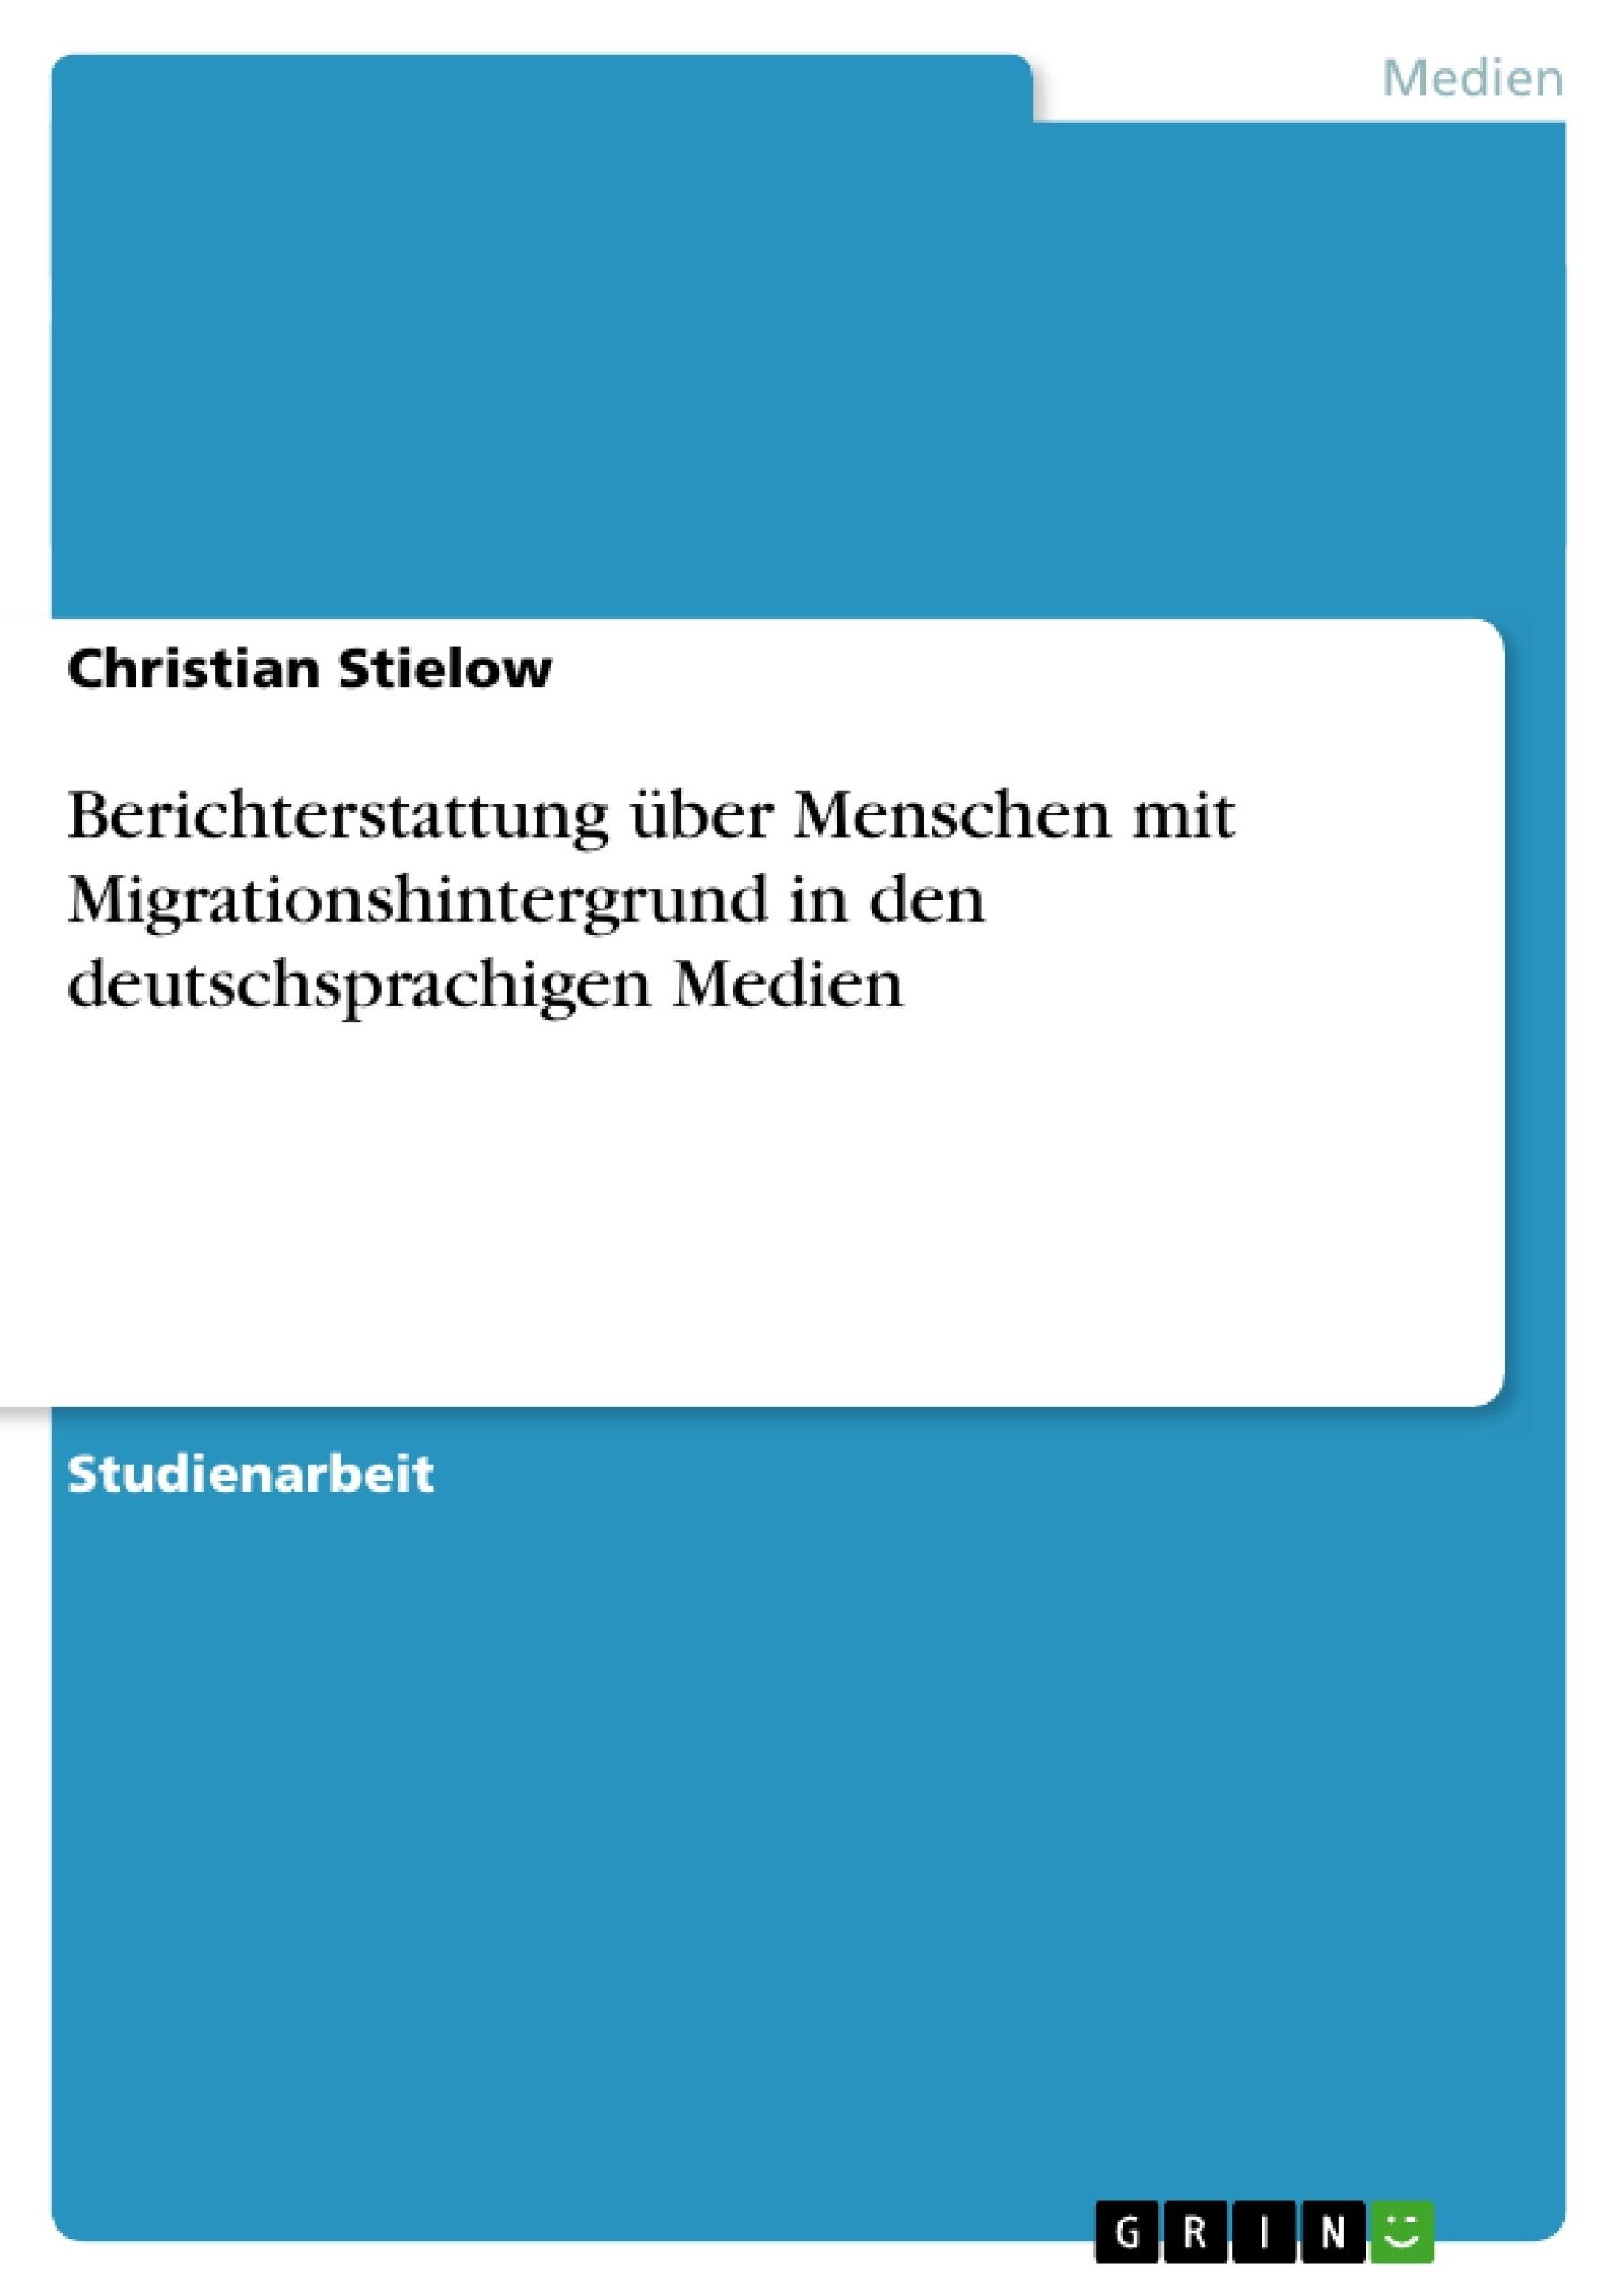 Titel: Berichterstattung über Menschen mit Migrationshintergrund in den deutschsprachigen Medien